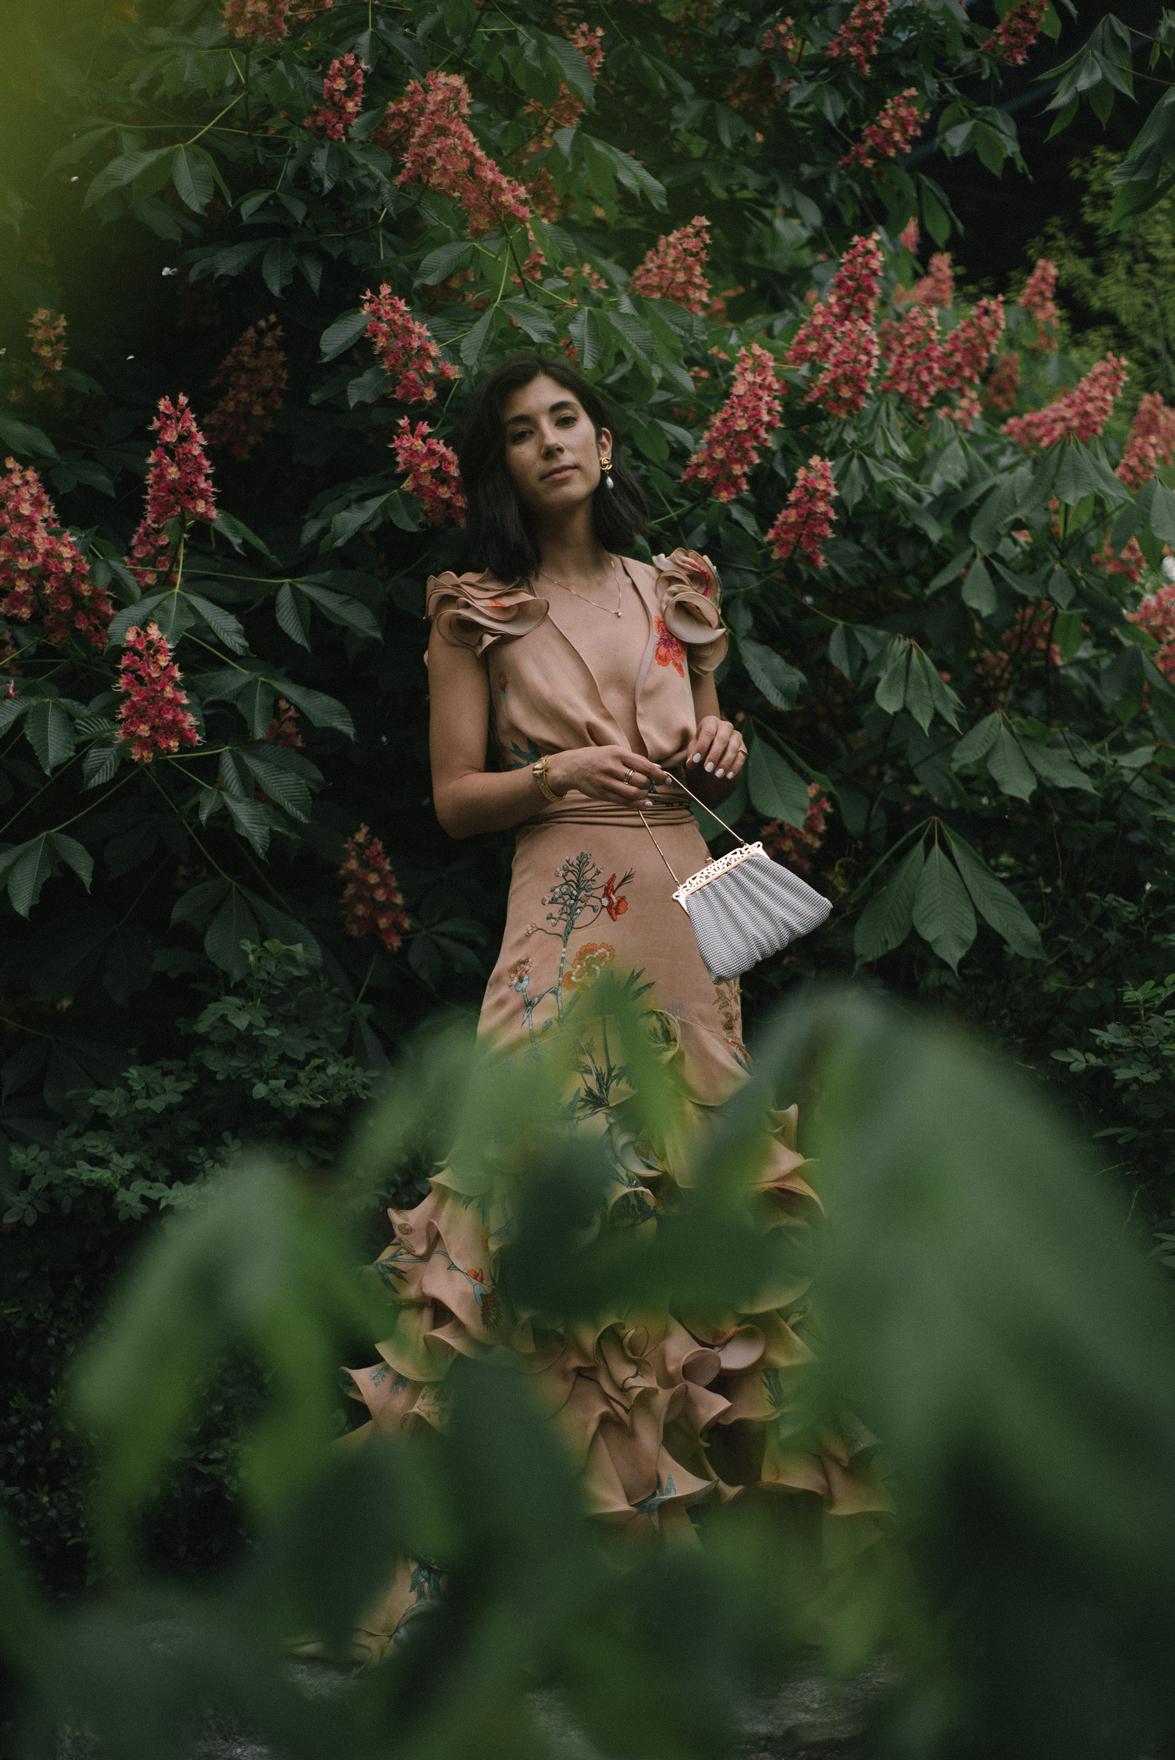 Women Who Inspired - Krystal Bick